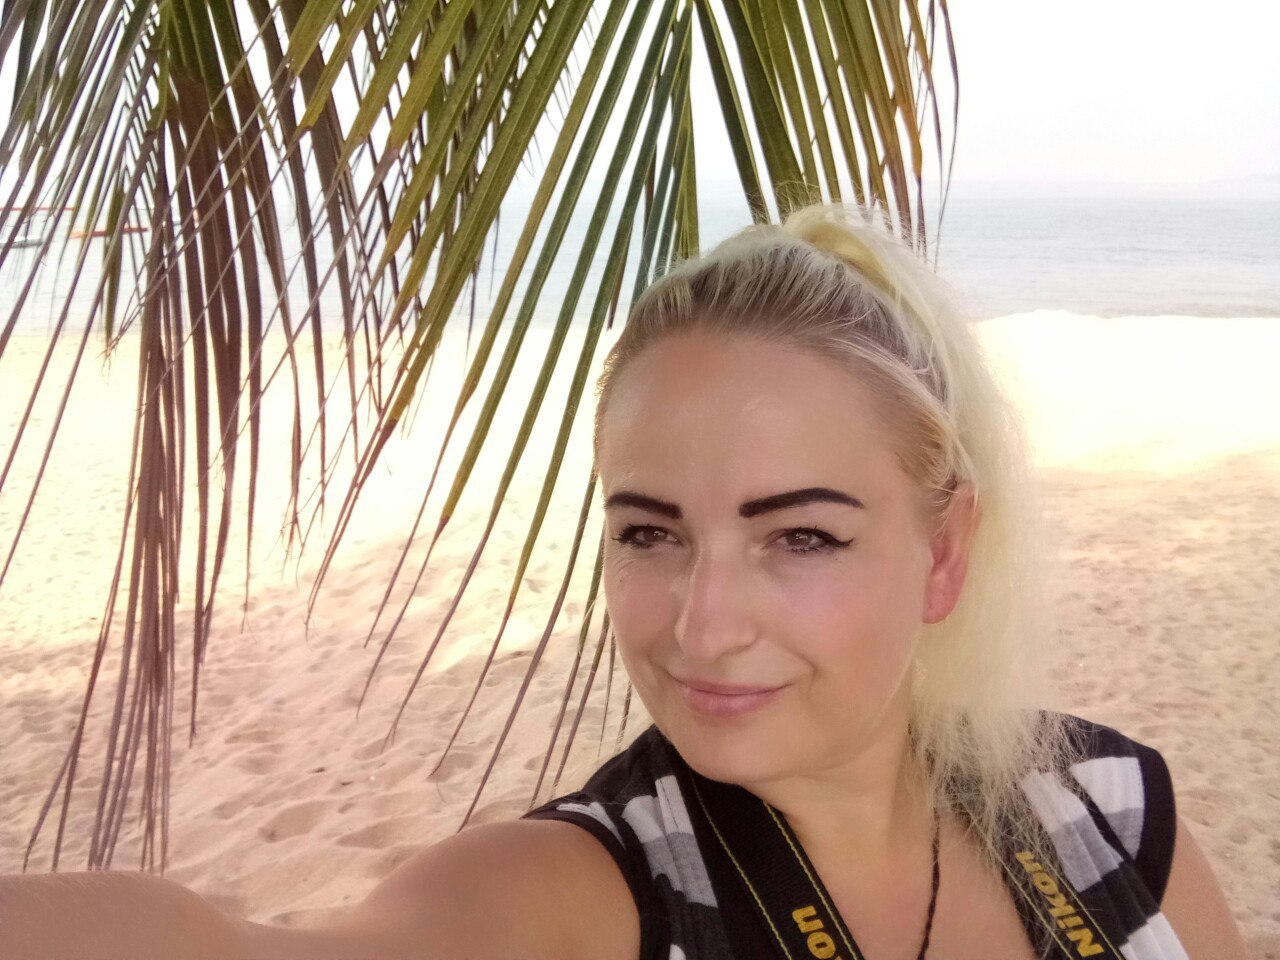 пляж - Елена Руденко. Мои путешествия (фото/видео) - Страница 3 UDlmdFA9Mzg